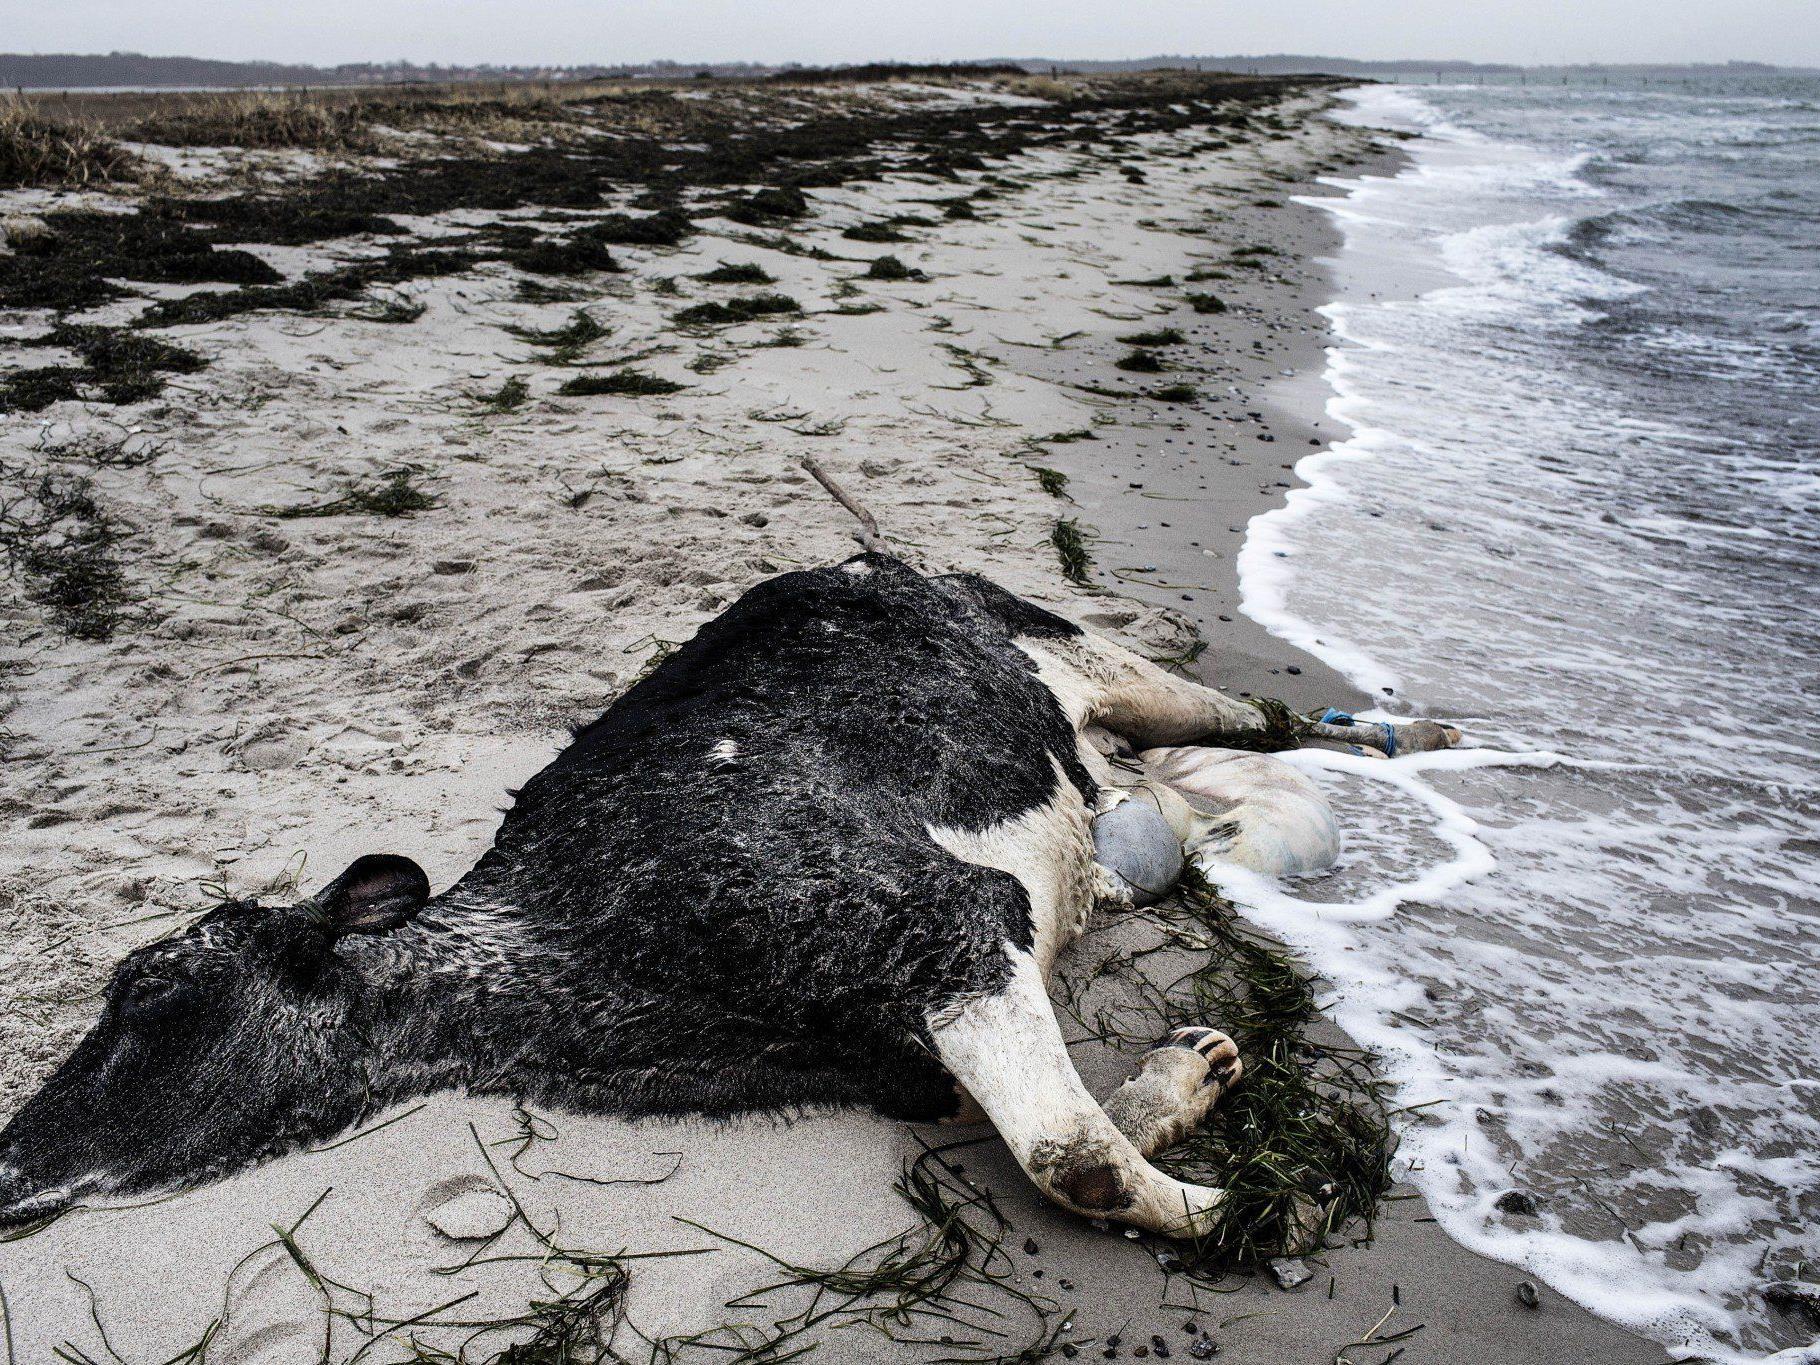 Seit Ende Dezember bereits acht Kühe mit zusammengebundenen Beinen an Stränden aufgetaucht.